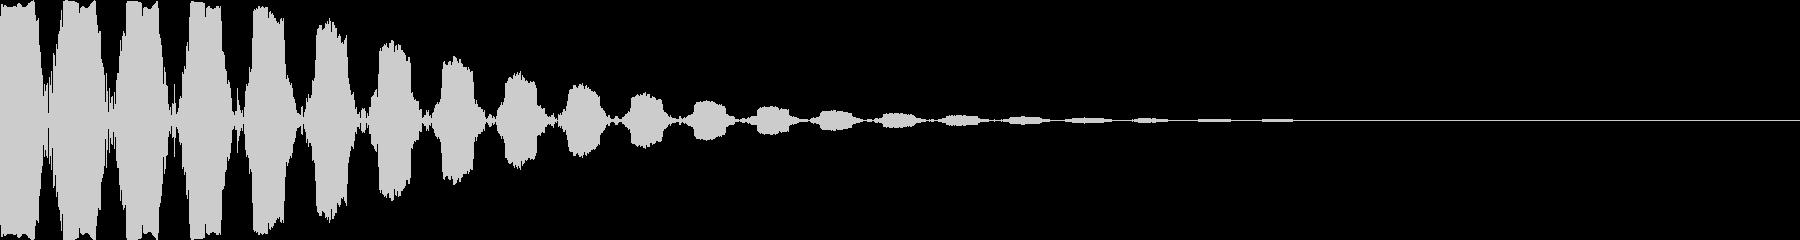 [プッ]カーソル移動/決定音/03の未再生の波形